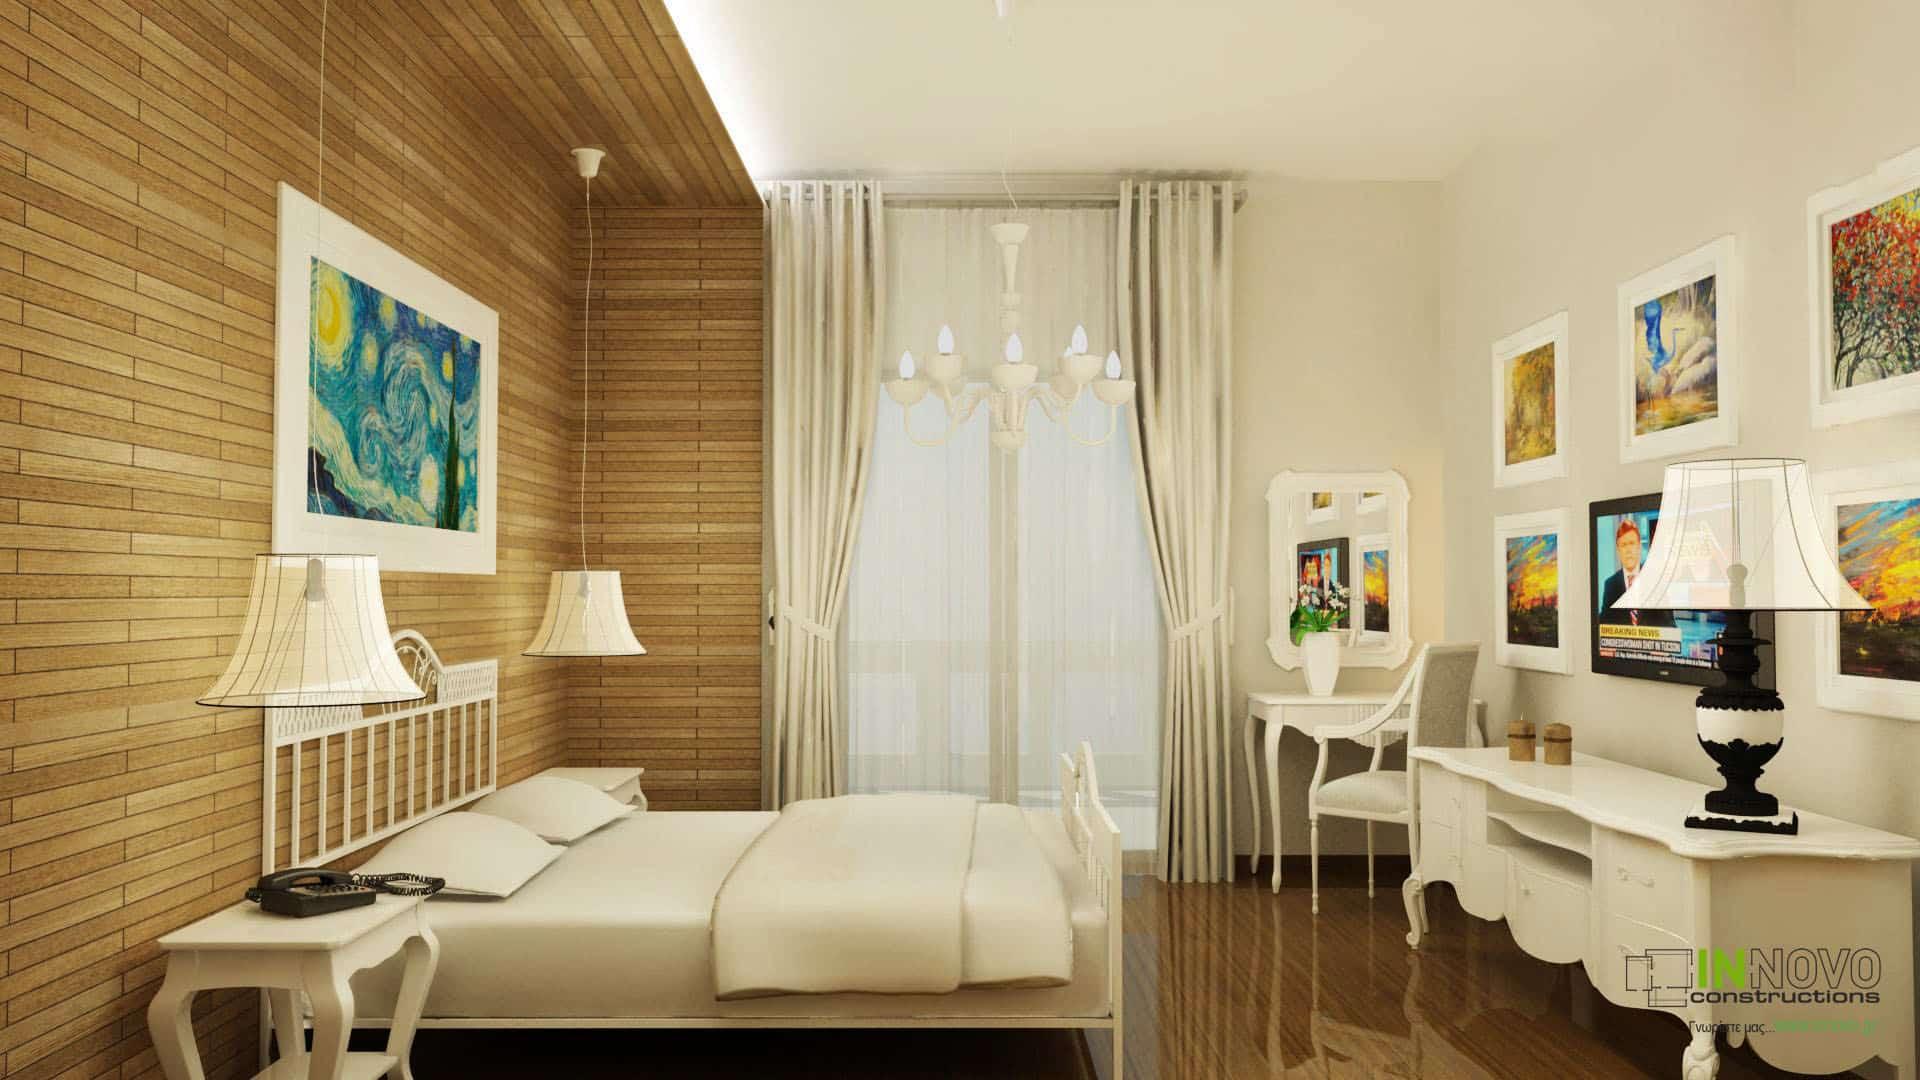 Ανακαίνιση ξενοδοχείου στην Πάργα από την Innovo